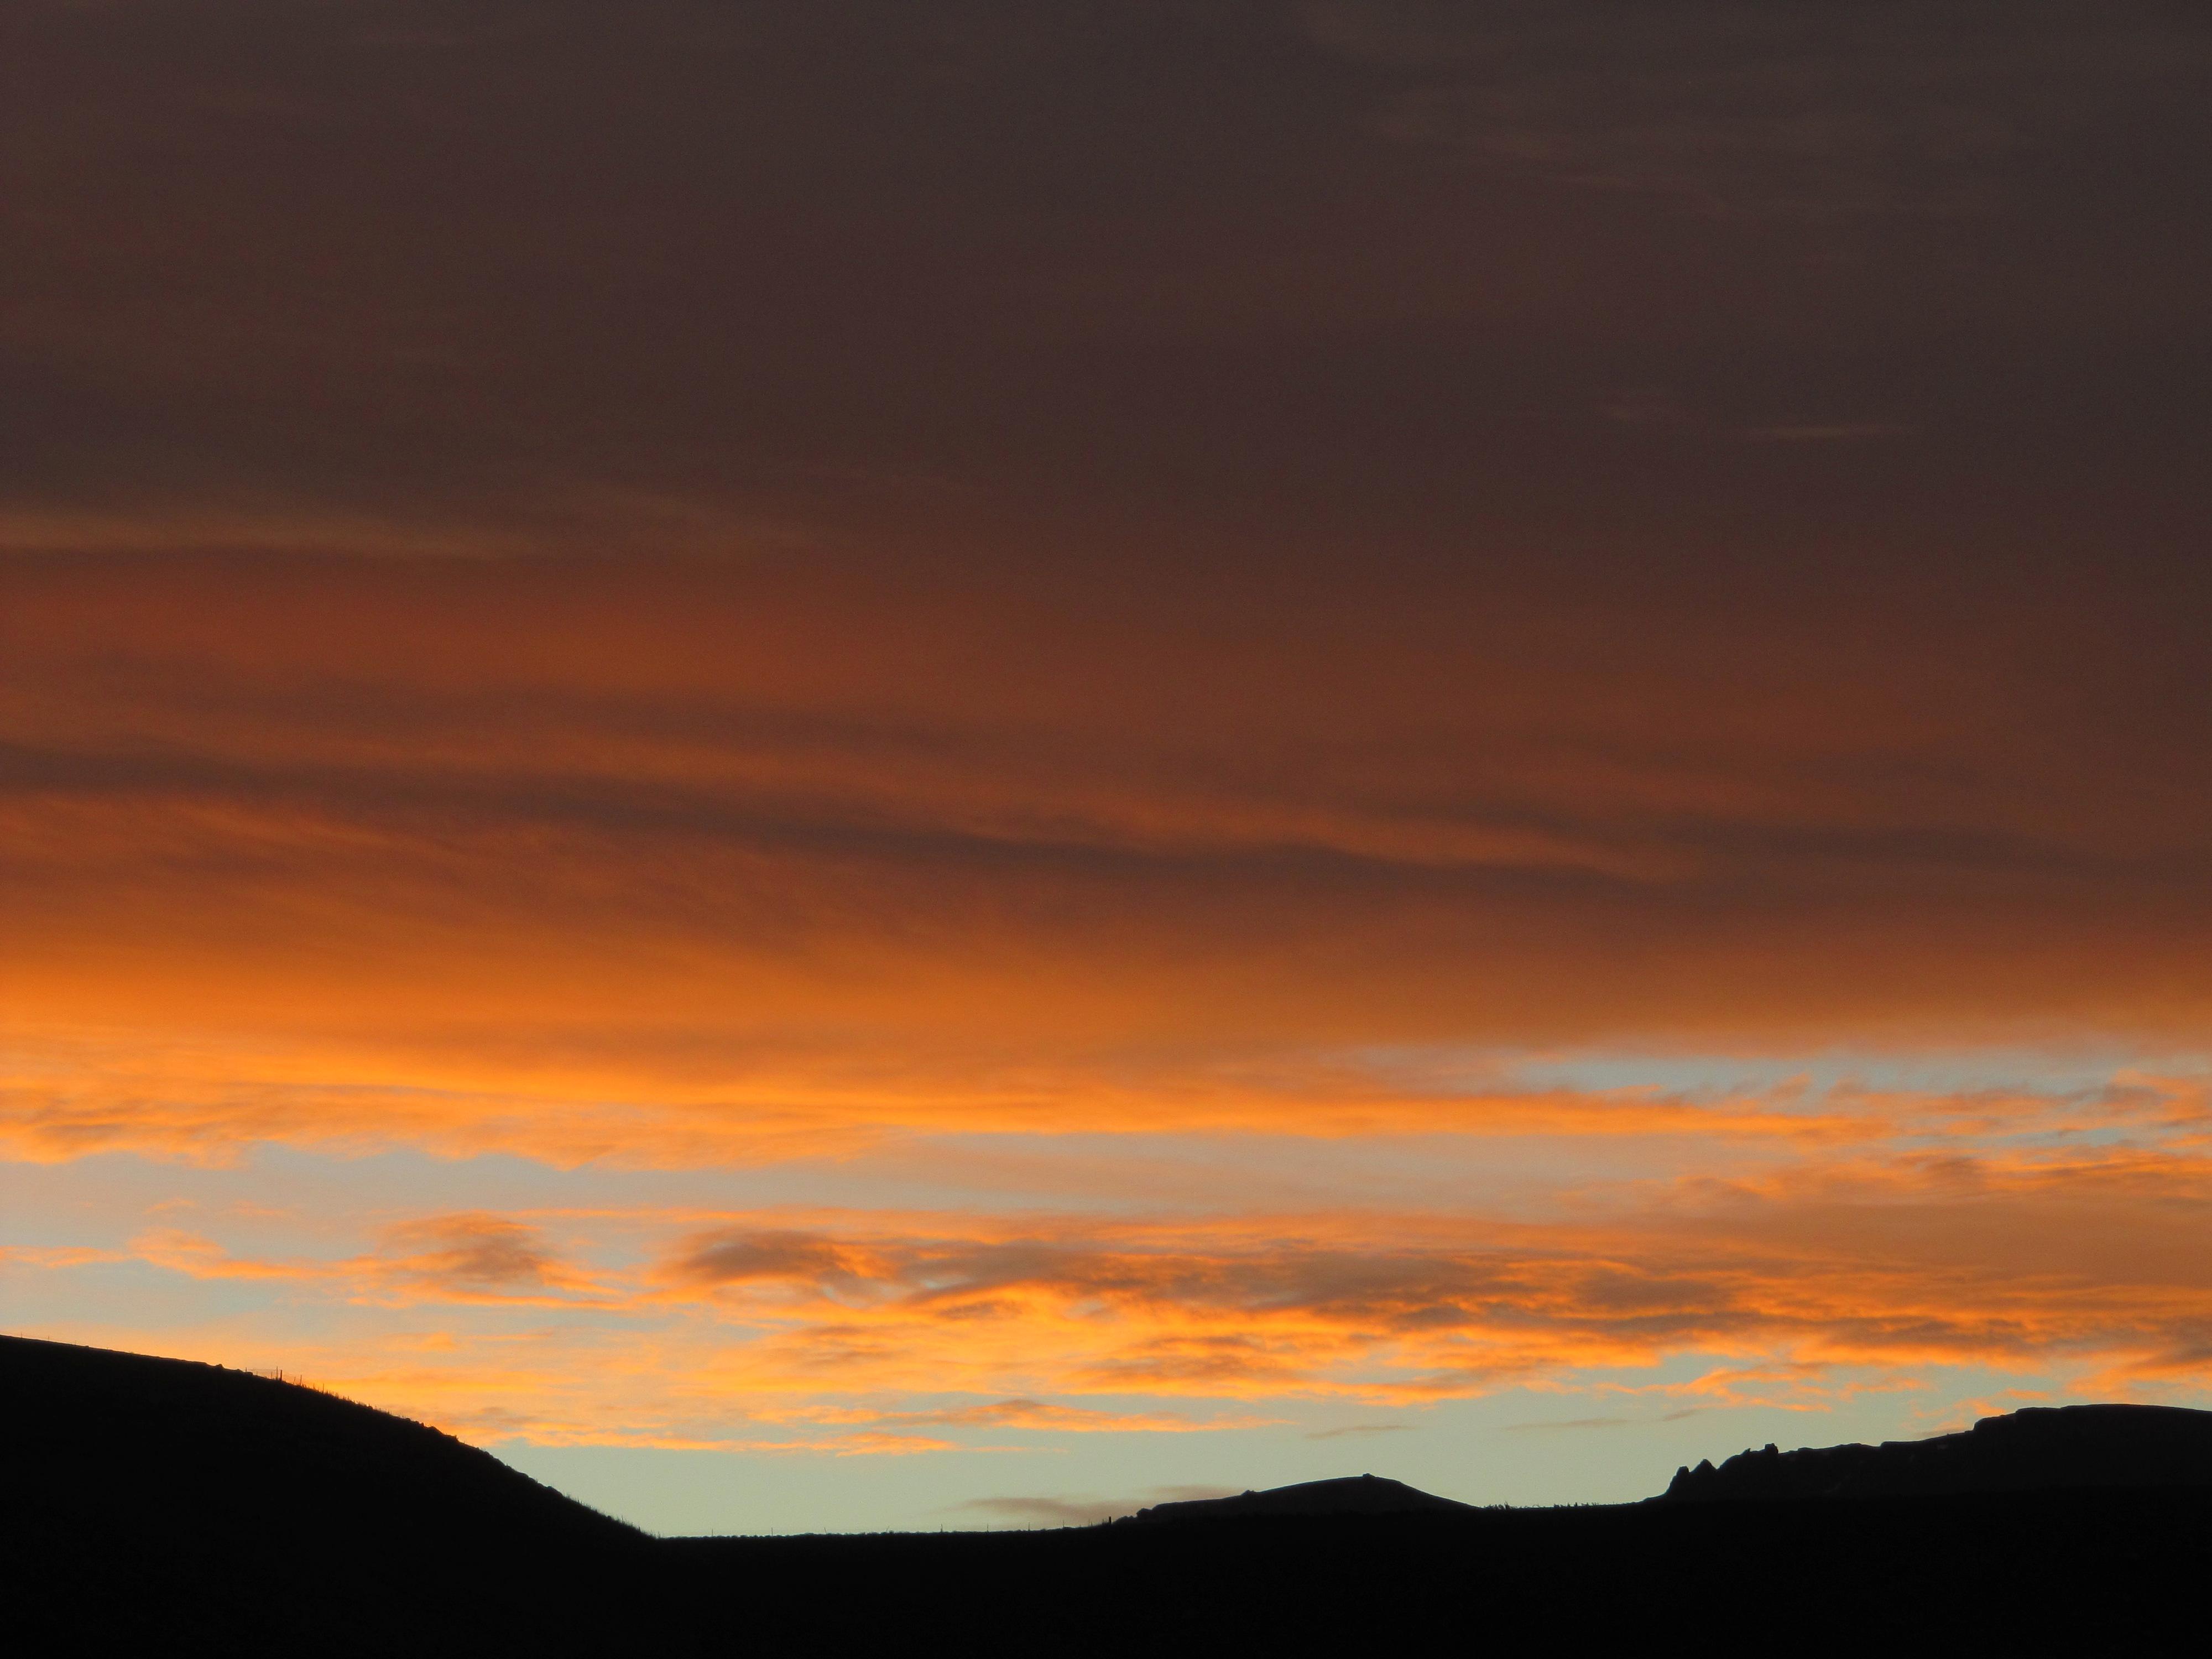 sunset ardgour.png